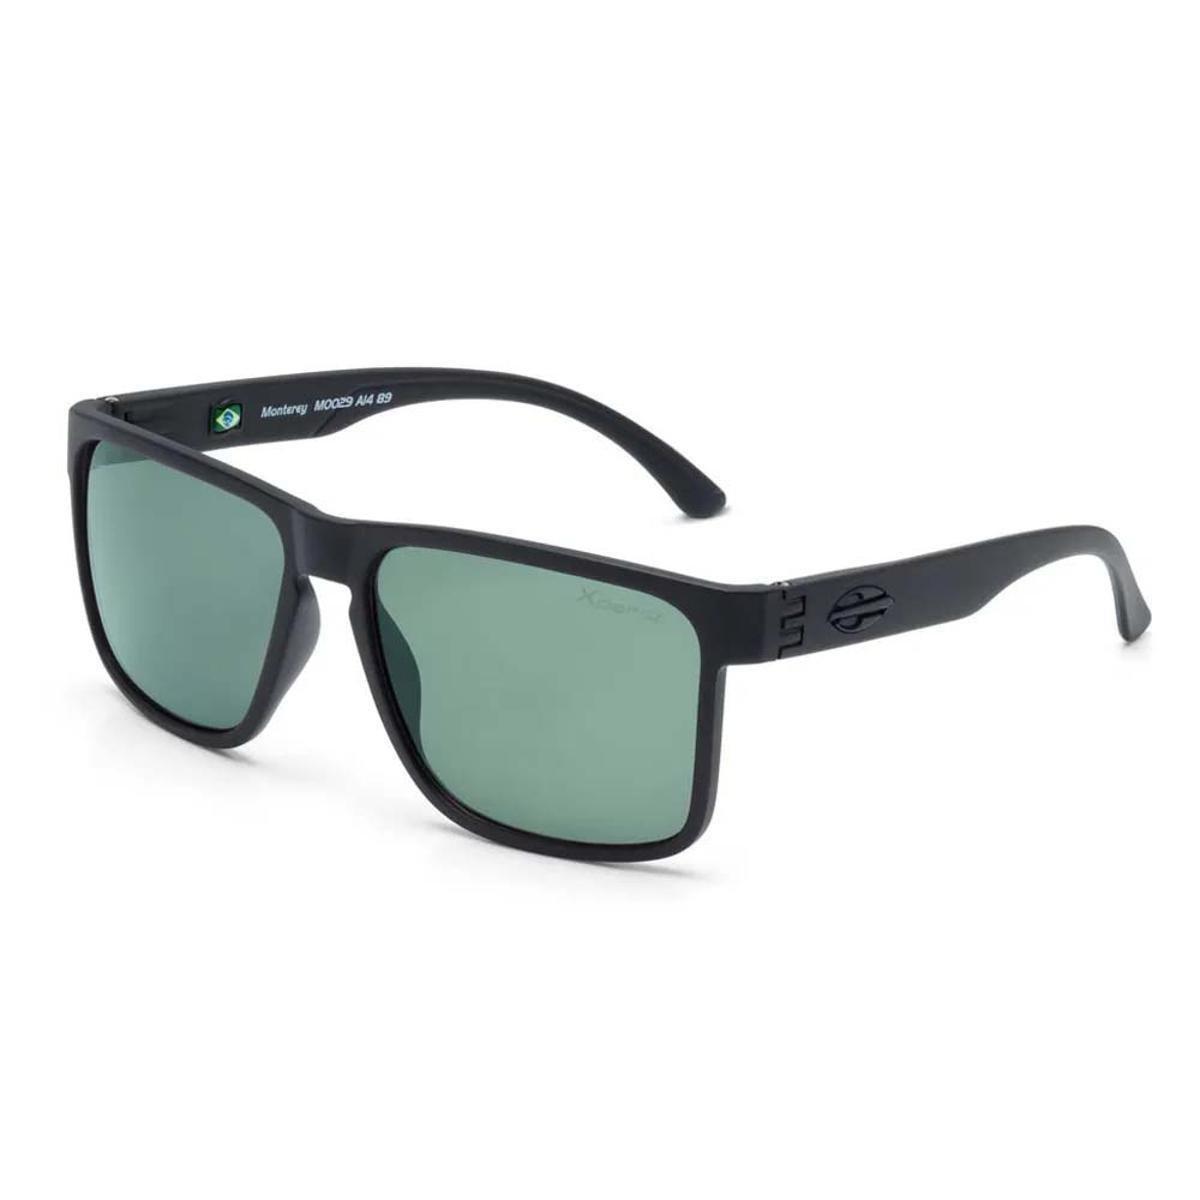 Óculos de Sol Mormaii Monterey Polarizado Fosco Masculino - Preto ... 761b1cc4a4